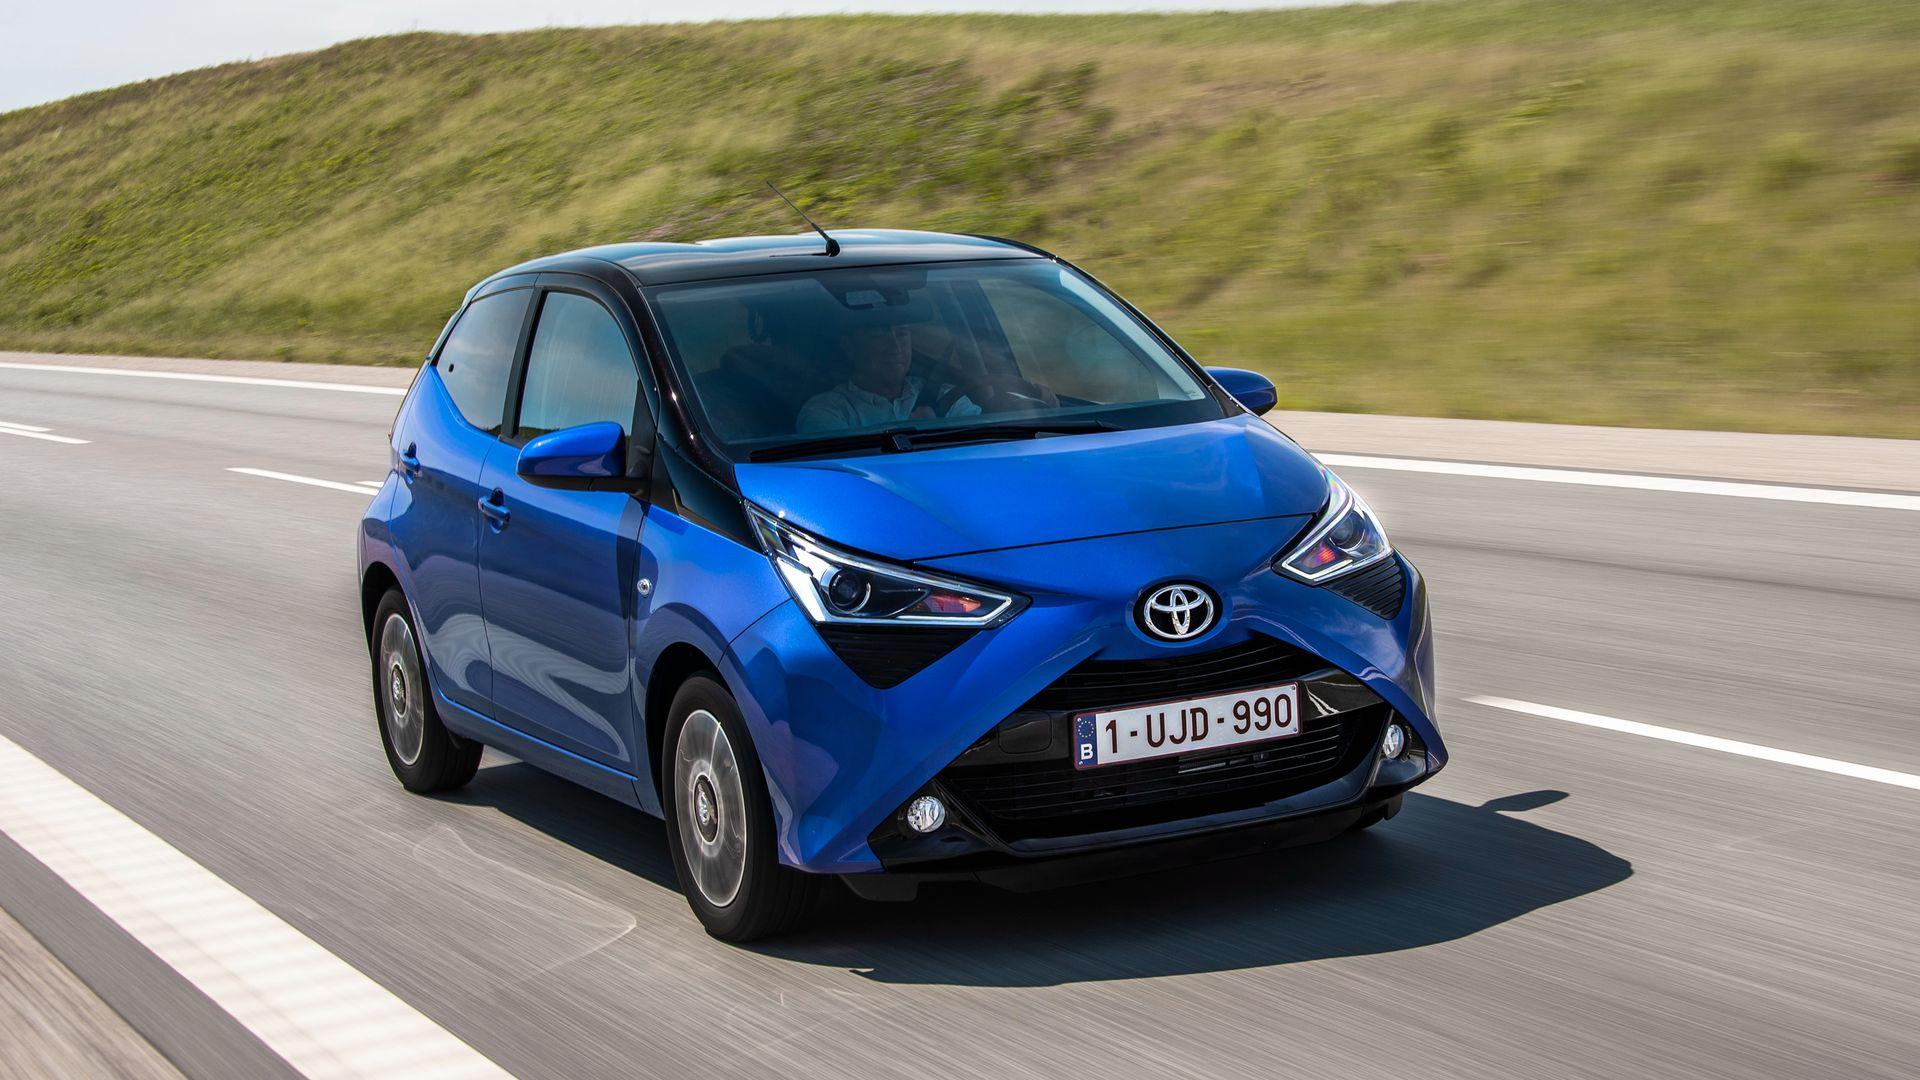 Η Toyota ετοιμάζει ένα νέο προσιτό αυτοκίνητο πόλης